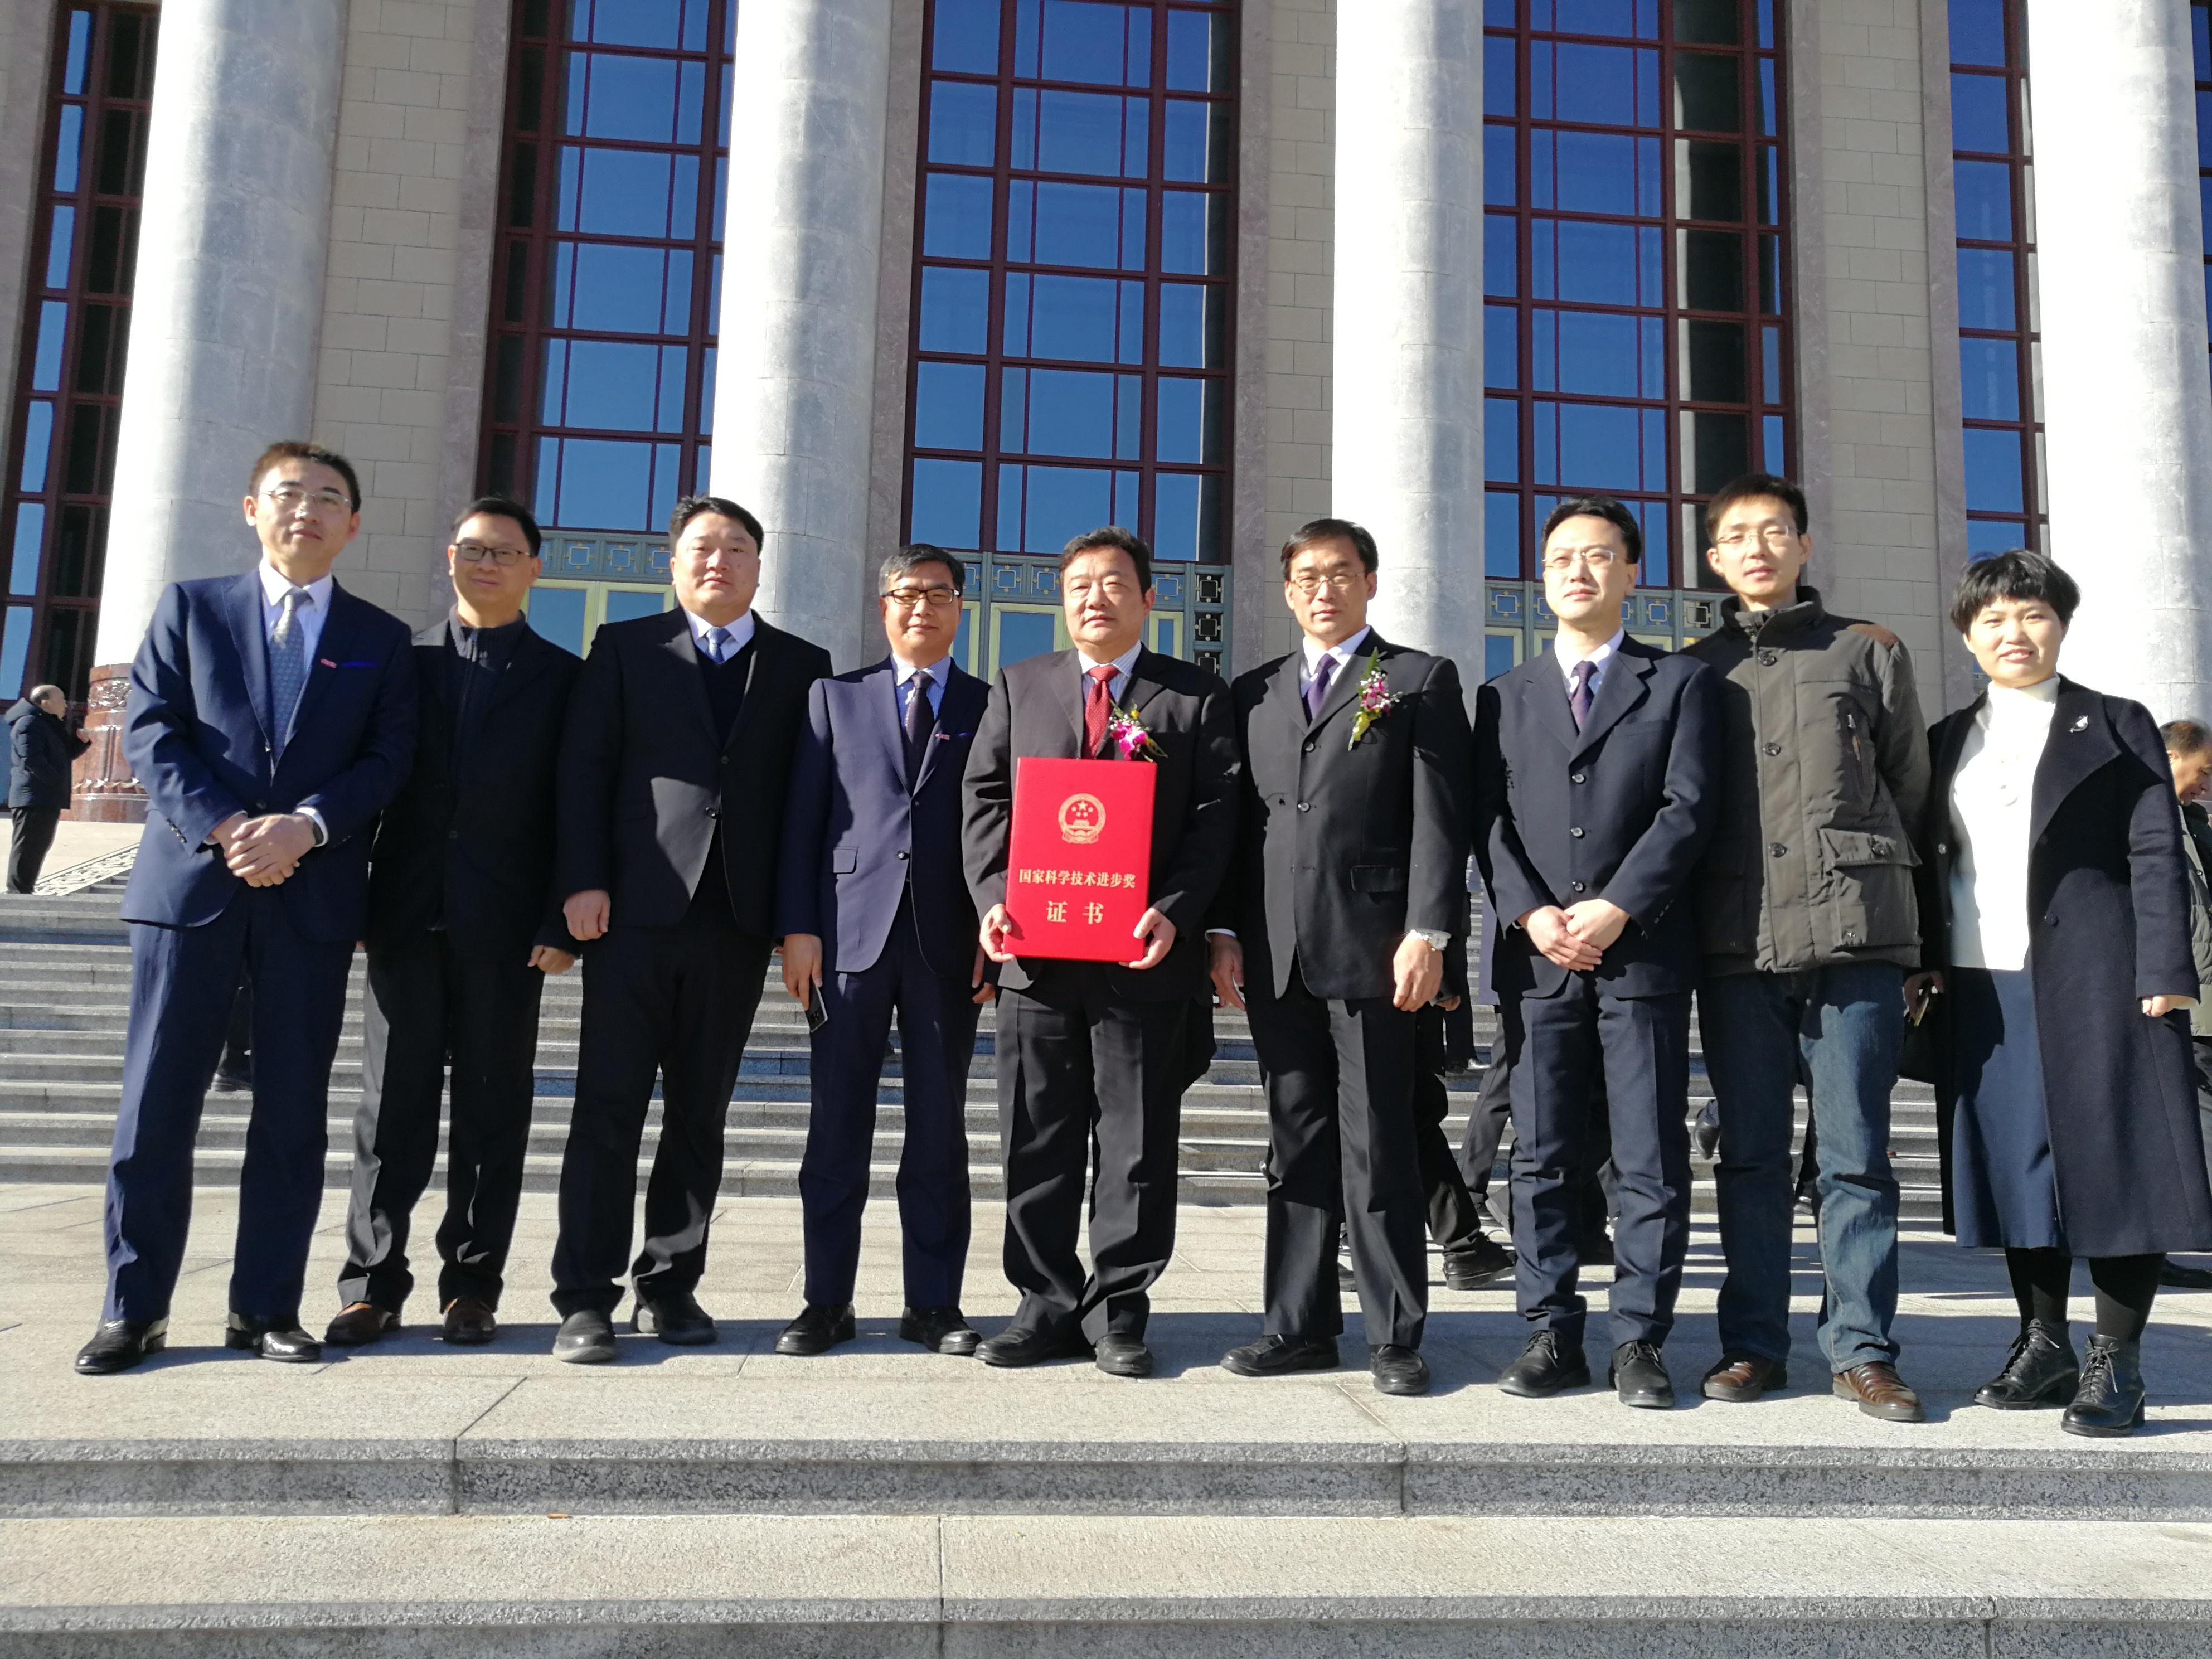 江苏50项通用项目获国家科学技术奖,钱七虎院士荣获国家最高科学技术奖